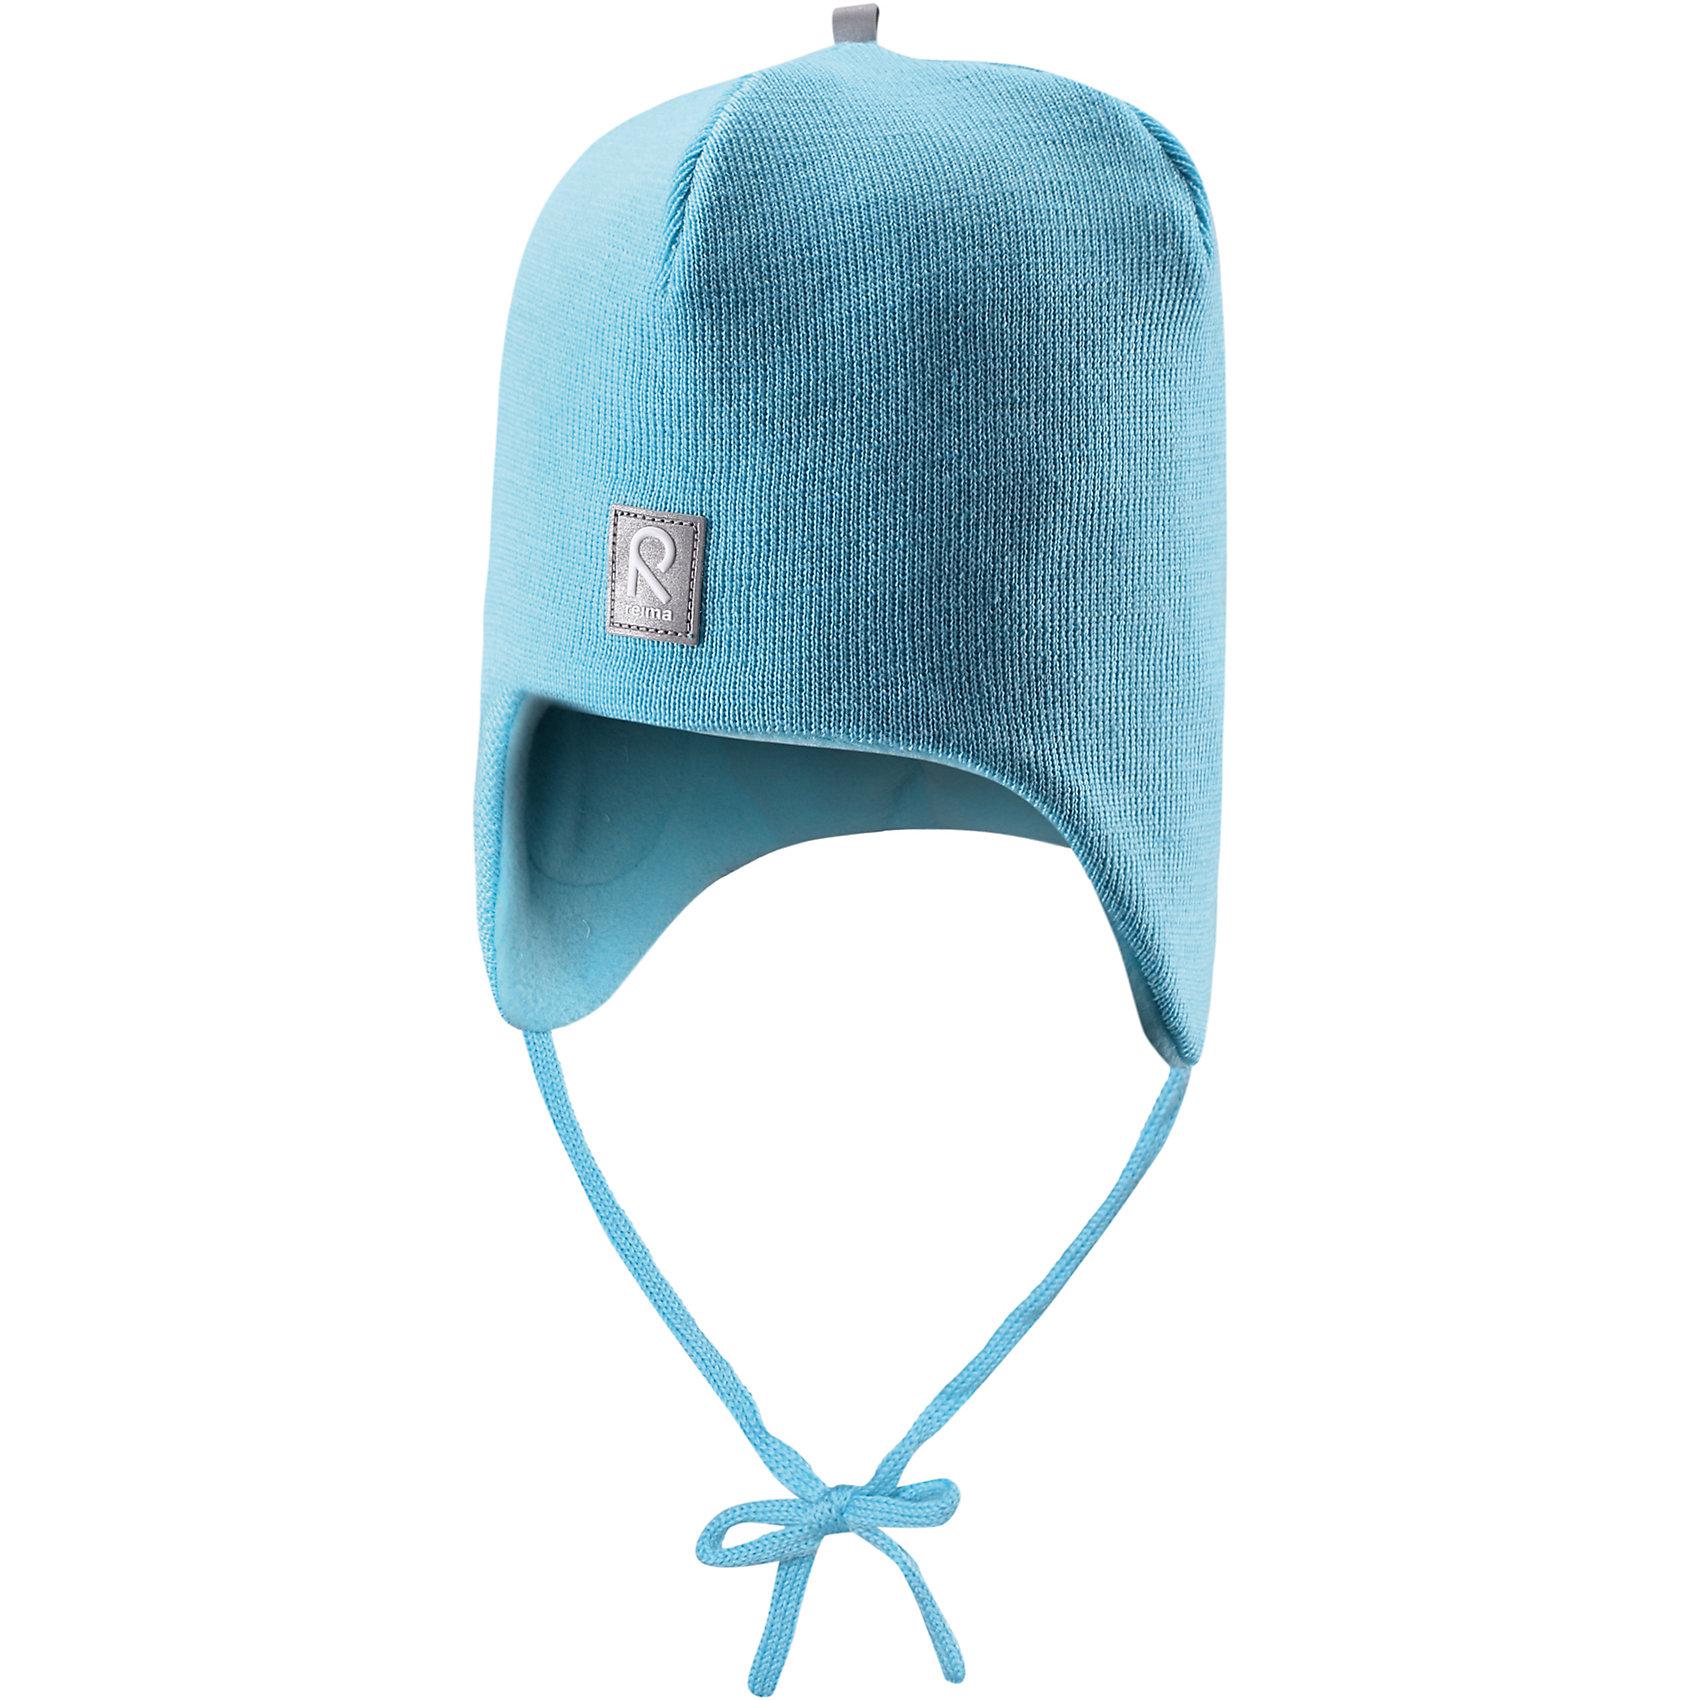 Шапка для мальчика ReimaЛюбимая шапка малышей в модных цветах сезона надёжно согреет в холодные зимние дни! Шерстяная шапка для малышей согреет в морозную погоду: мягкая подкладка из флиса для тепла и комфорта. Шерстяная шапка с подкладкой из флиса особенно подходит для маленьких приключений на свежем воздухе, потому что флис быстро высыхает и хорошо выводит влагу. Благодаря эластичной вязке шапка плотно прилегает, а ветронепроницаемые вставки в области ушей защищают маленькие ушки от холодного ветра. Завязки надёжно фиксируют шапку на голове и не натирают. Для завершения стильного образа носите с тёплой горловиной Star!<br><br>Шерстяная шапка для малышей <br>Полностью на подкладке: Мягкий тёплый флис<br>Ветронепроницаемые вставки в области ушей <br>Доступна в однотонном и полосатом вариантах<br>Состав:<br>100% Шерсть<br><br><br>Шапку Reima (Рейма) можно купить в нашем магазине.<br><br>Ширина мм: 89<br>Глубина мм: 117<br>Высота мм: 44<br>Вес г: 155<br>Цвет: голубой<br>Возраст от месяцев: 6<br>Возраст до месяцев: 9<br>Пол: Унисекс<br>Возраст: Детский<br>Размер: 46,48,52,50<br>SKU: 4208680